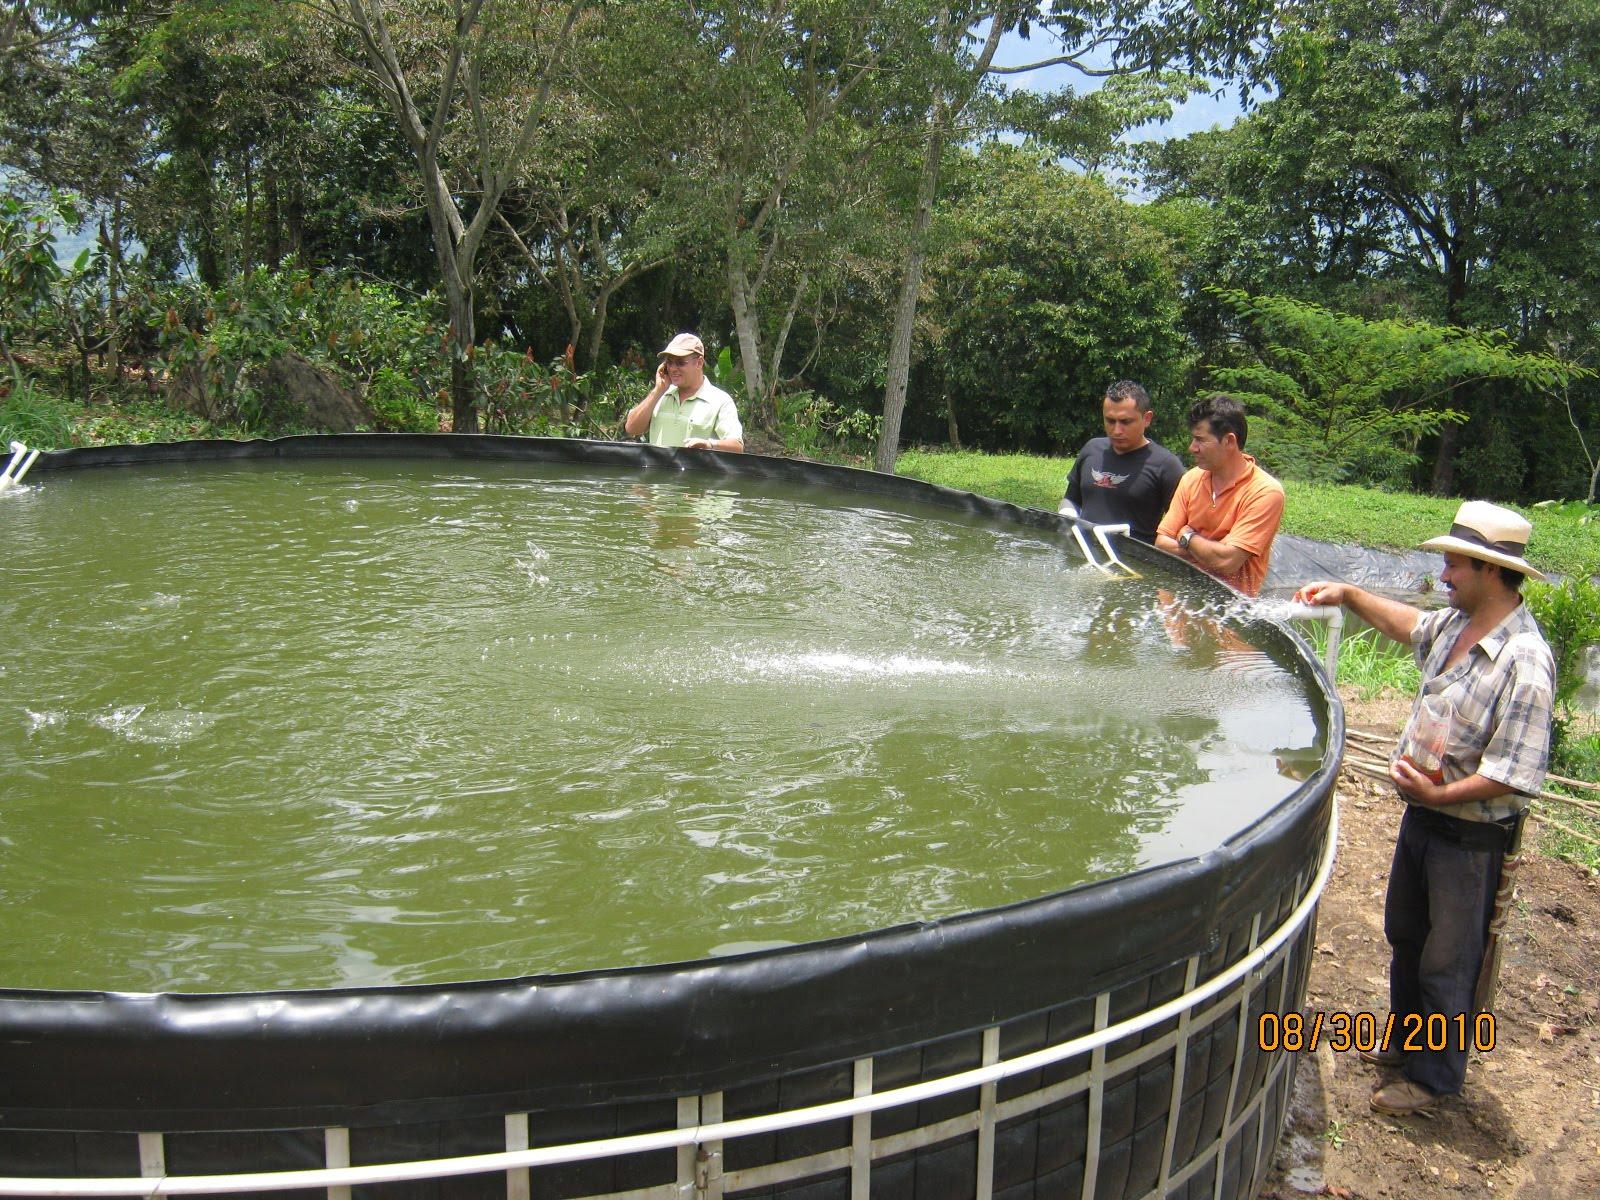 Jovenes rurales emprendedores septiembre 2010 for Estanques de tilapia